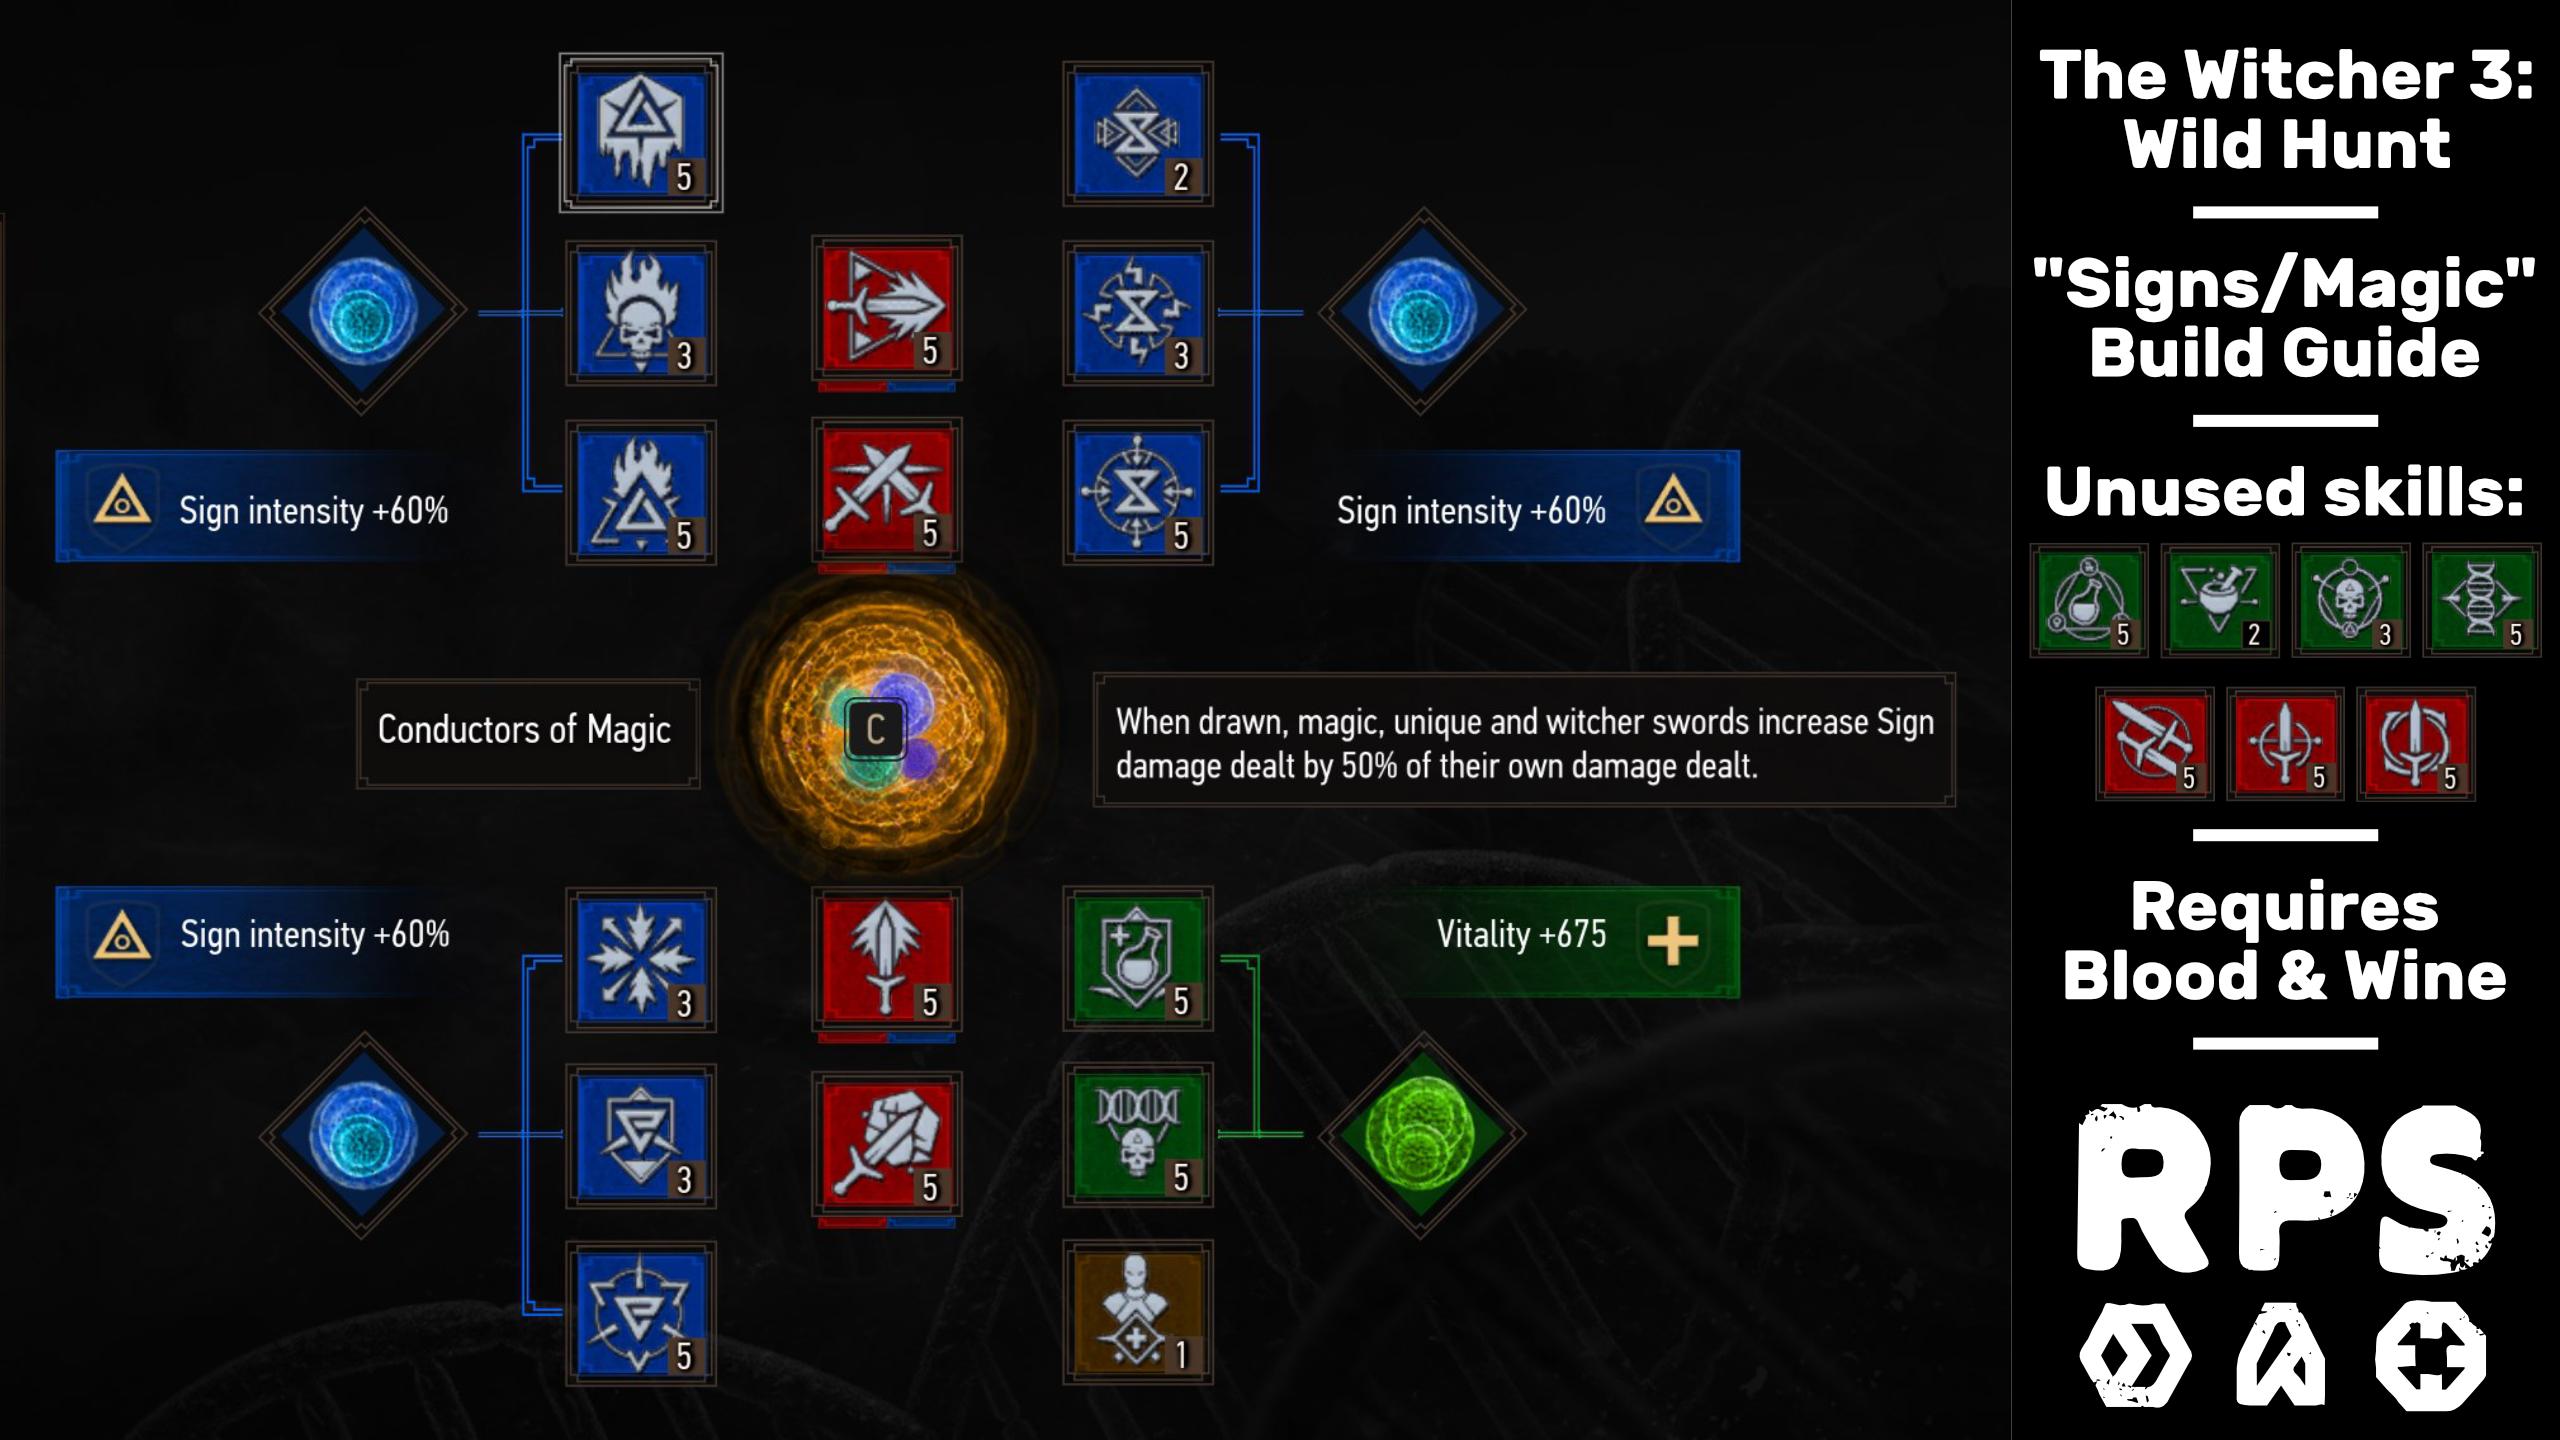 Construcciones de The Witcher 3: construcción de signos y magia